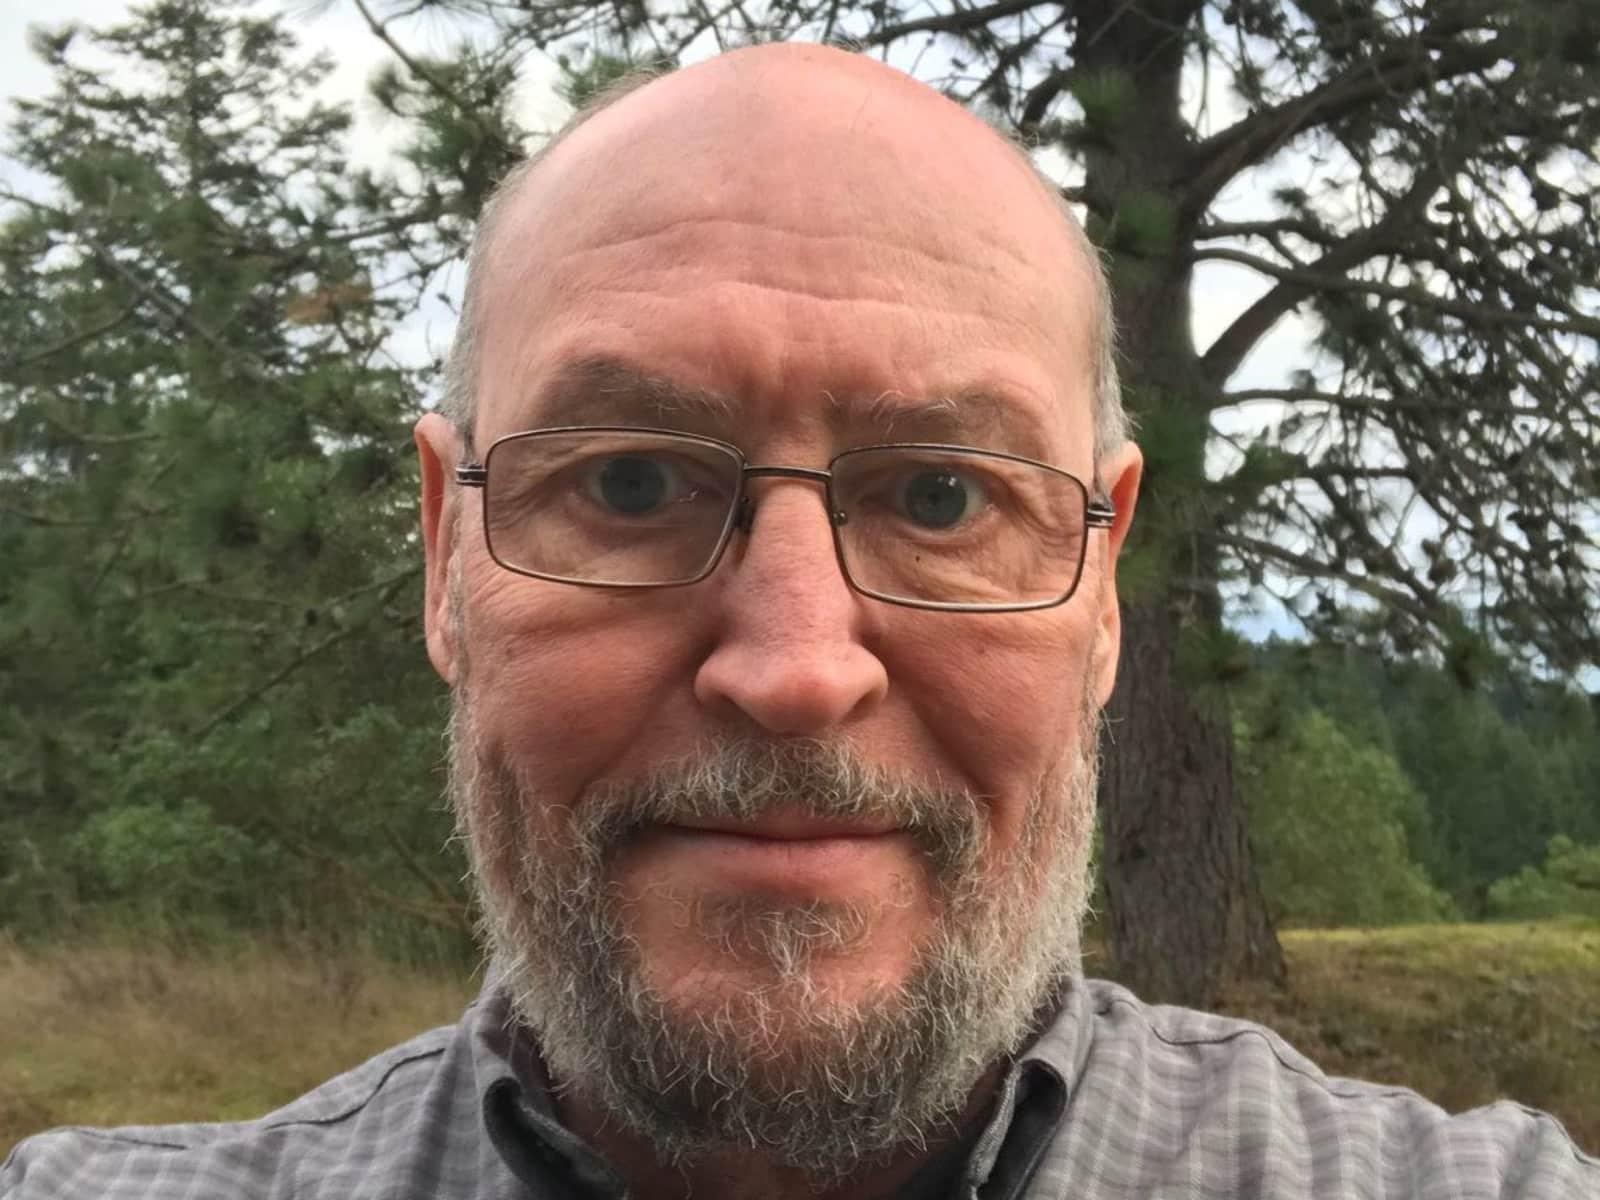 Alan from Friday Harbor, Washington, United States